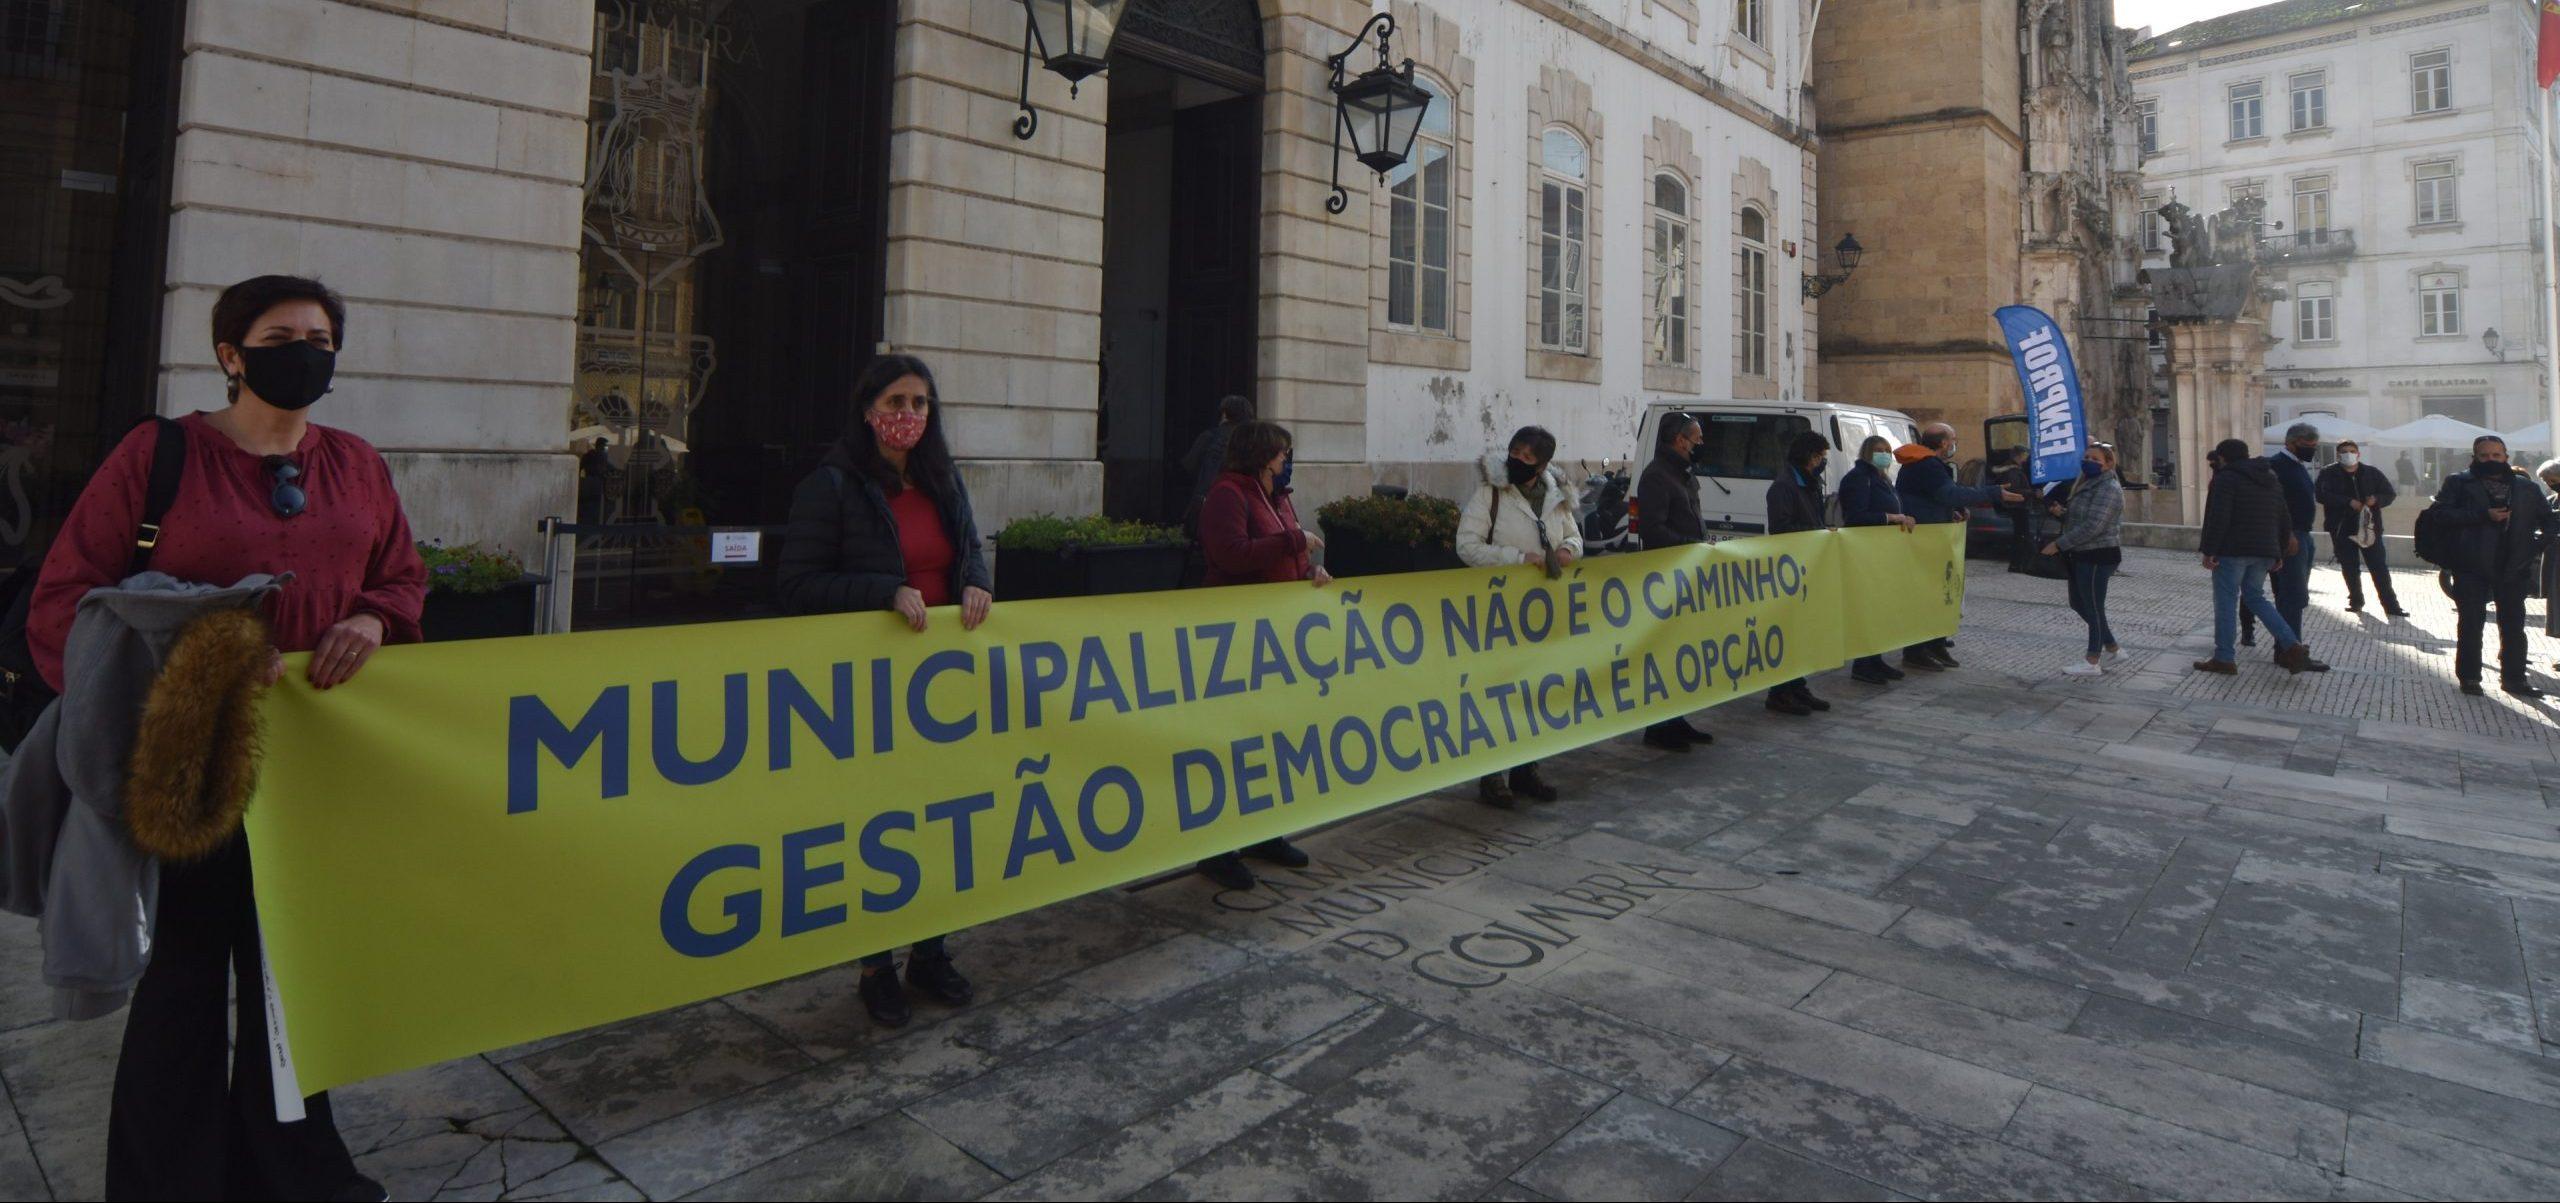 Fenprof lança petição contra a municipalização da educação